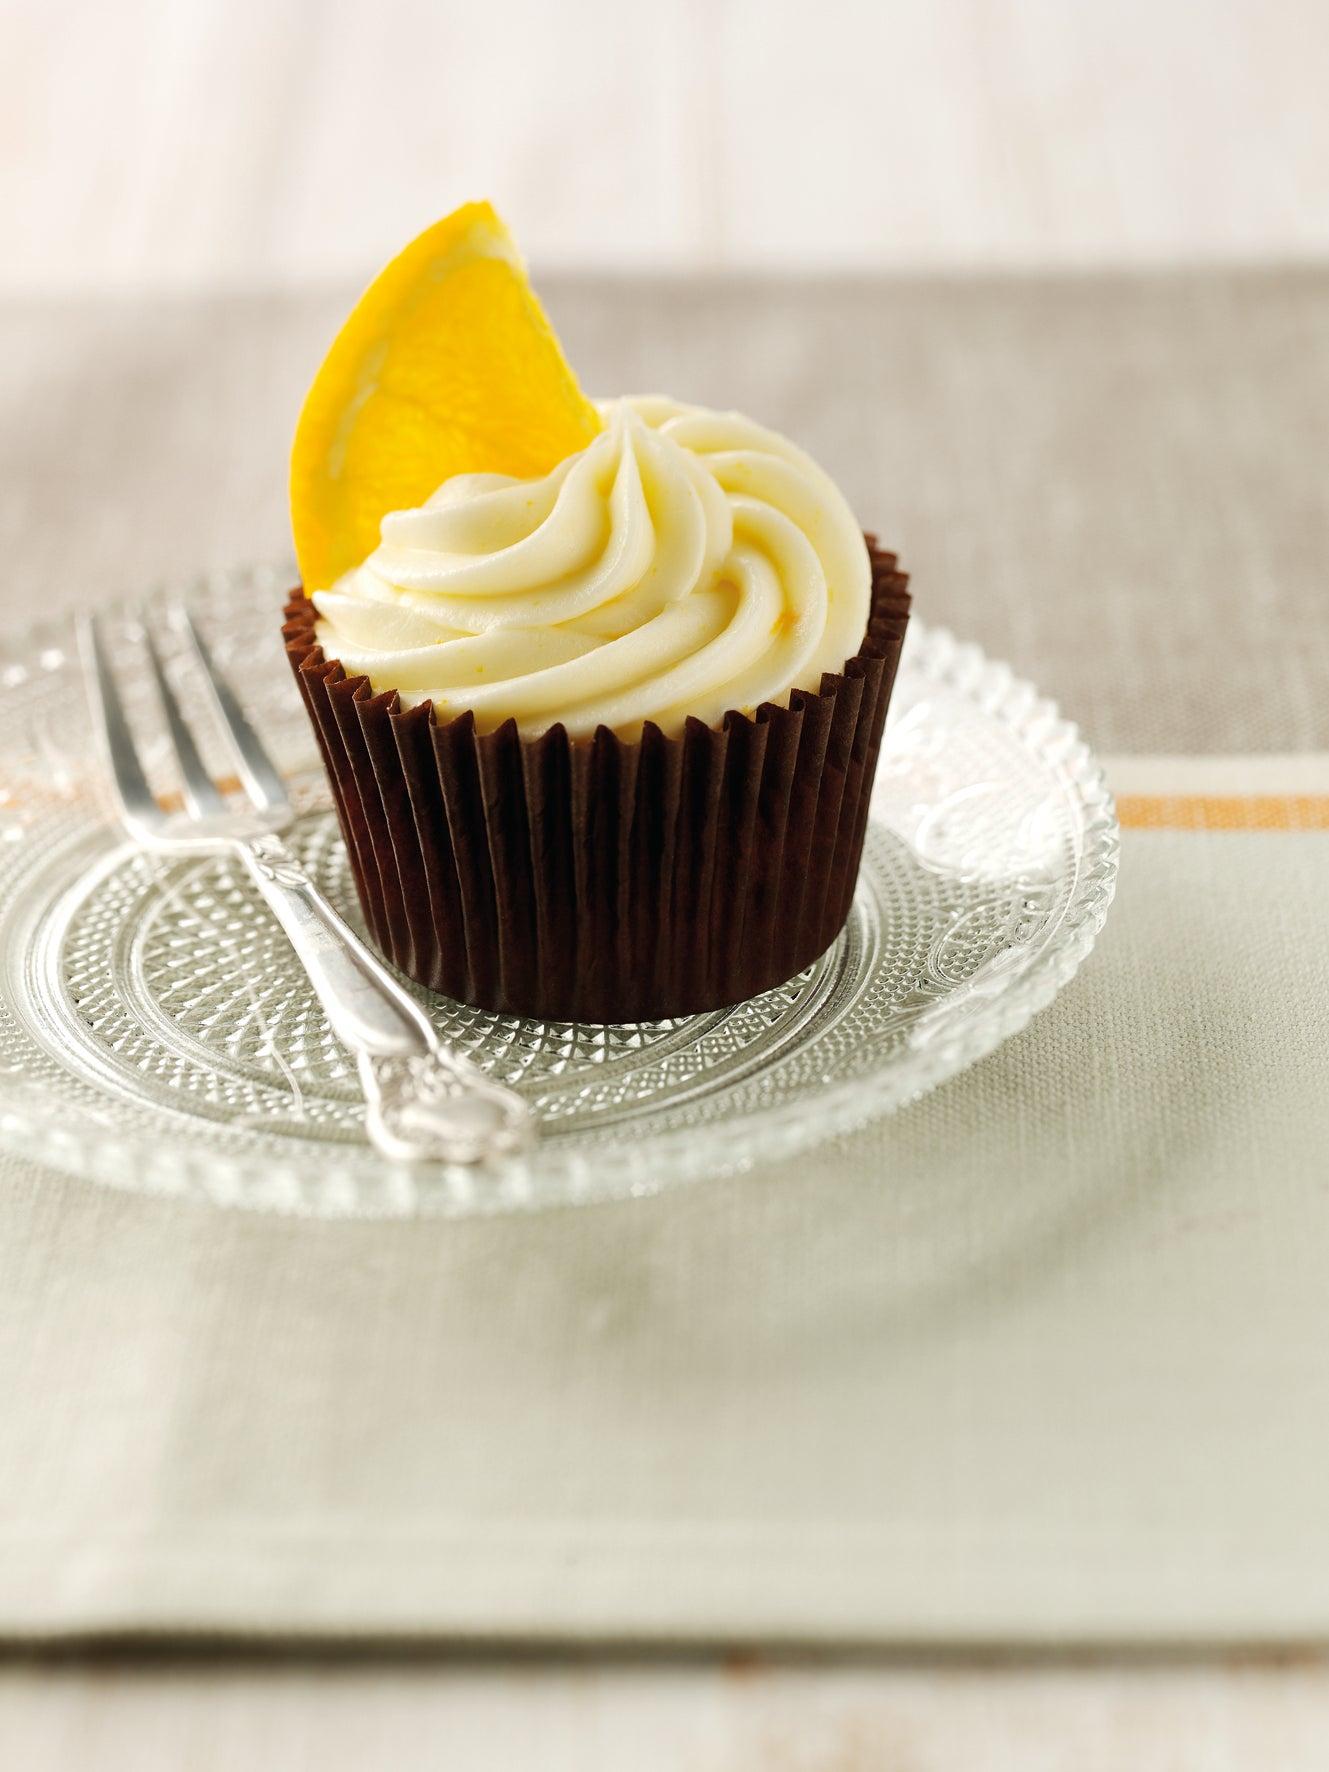 Nielsen-Massey-Orange-Blossom-Cupcake.jpg